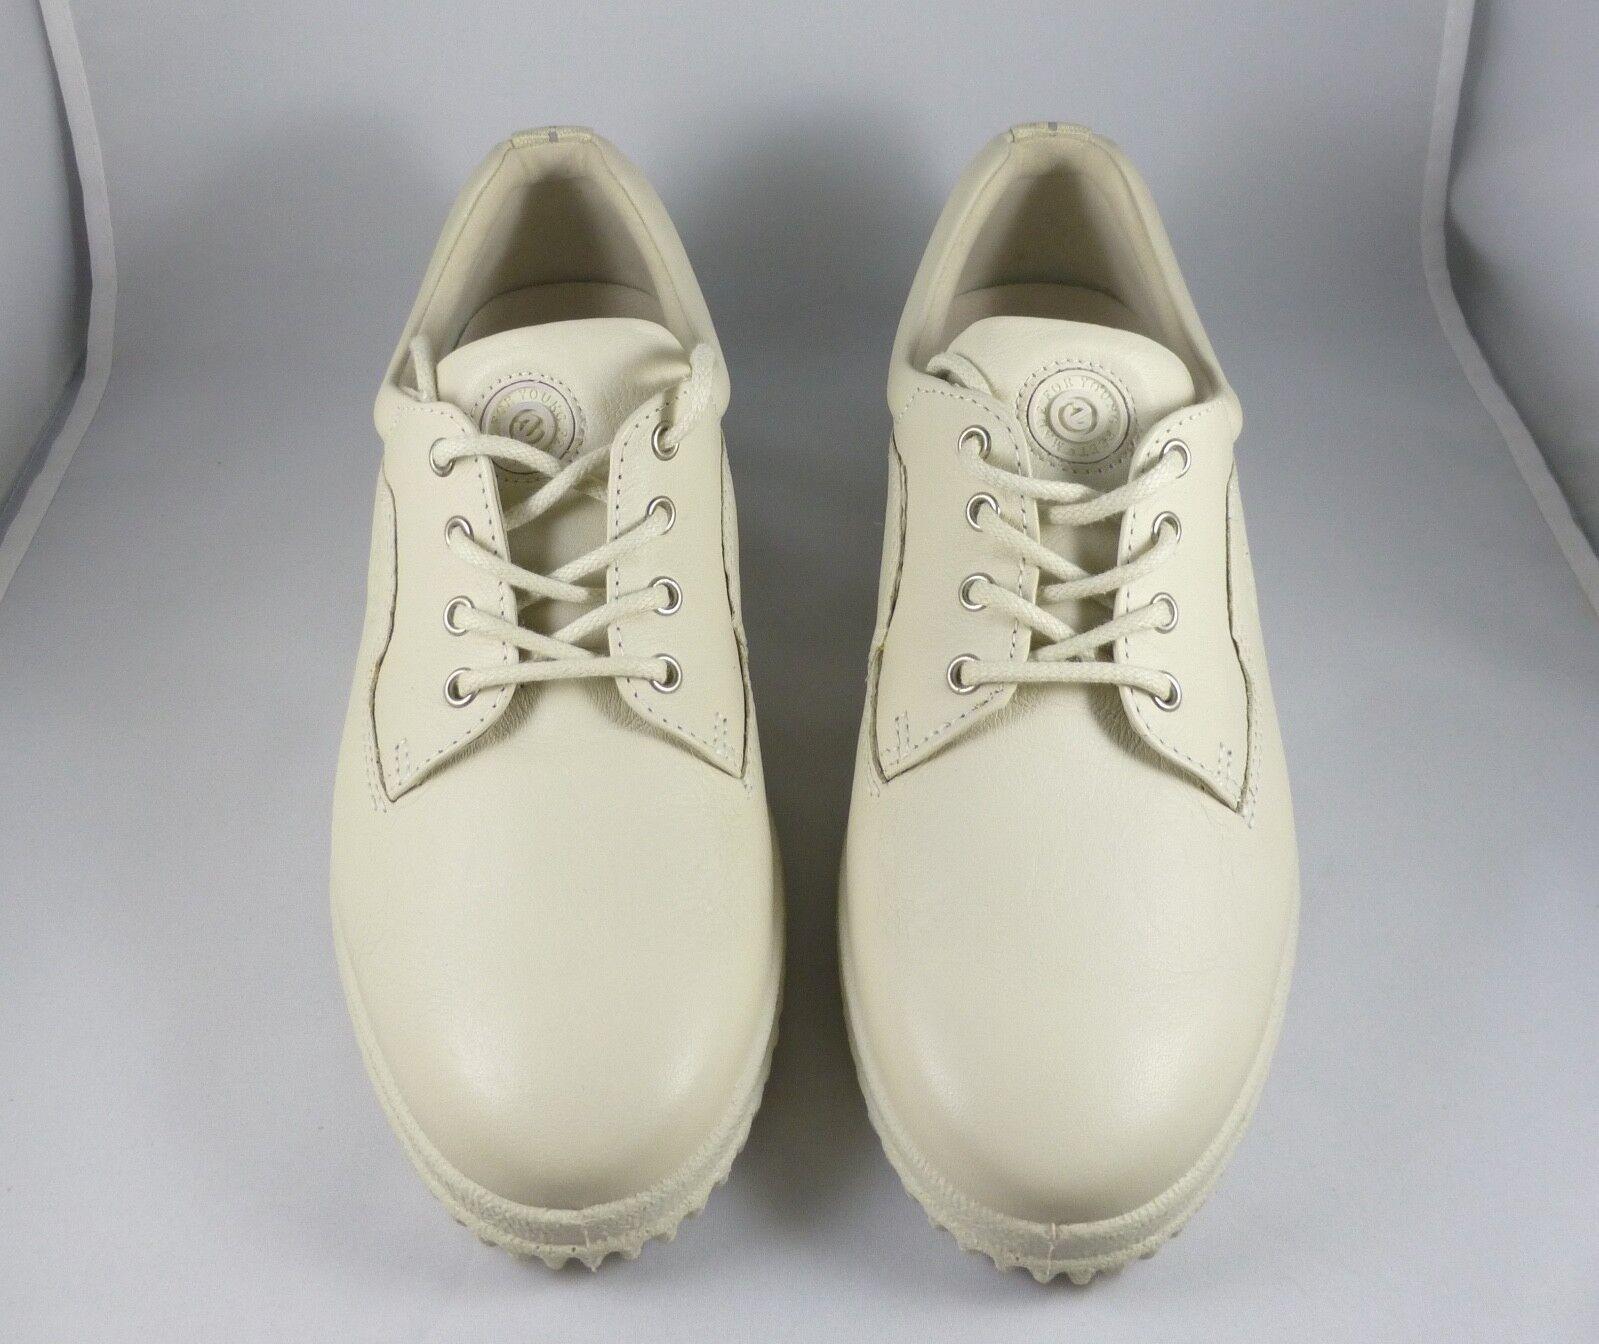 l'ultimo NEW    ECCO Soft Ladies beige  ice bianca  Leather Lace Up scarpe Donna  38   7.5 M  spedizione gratuita